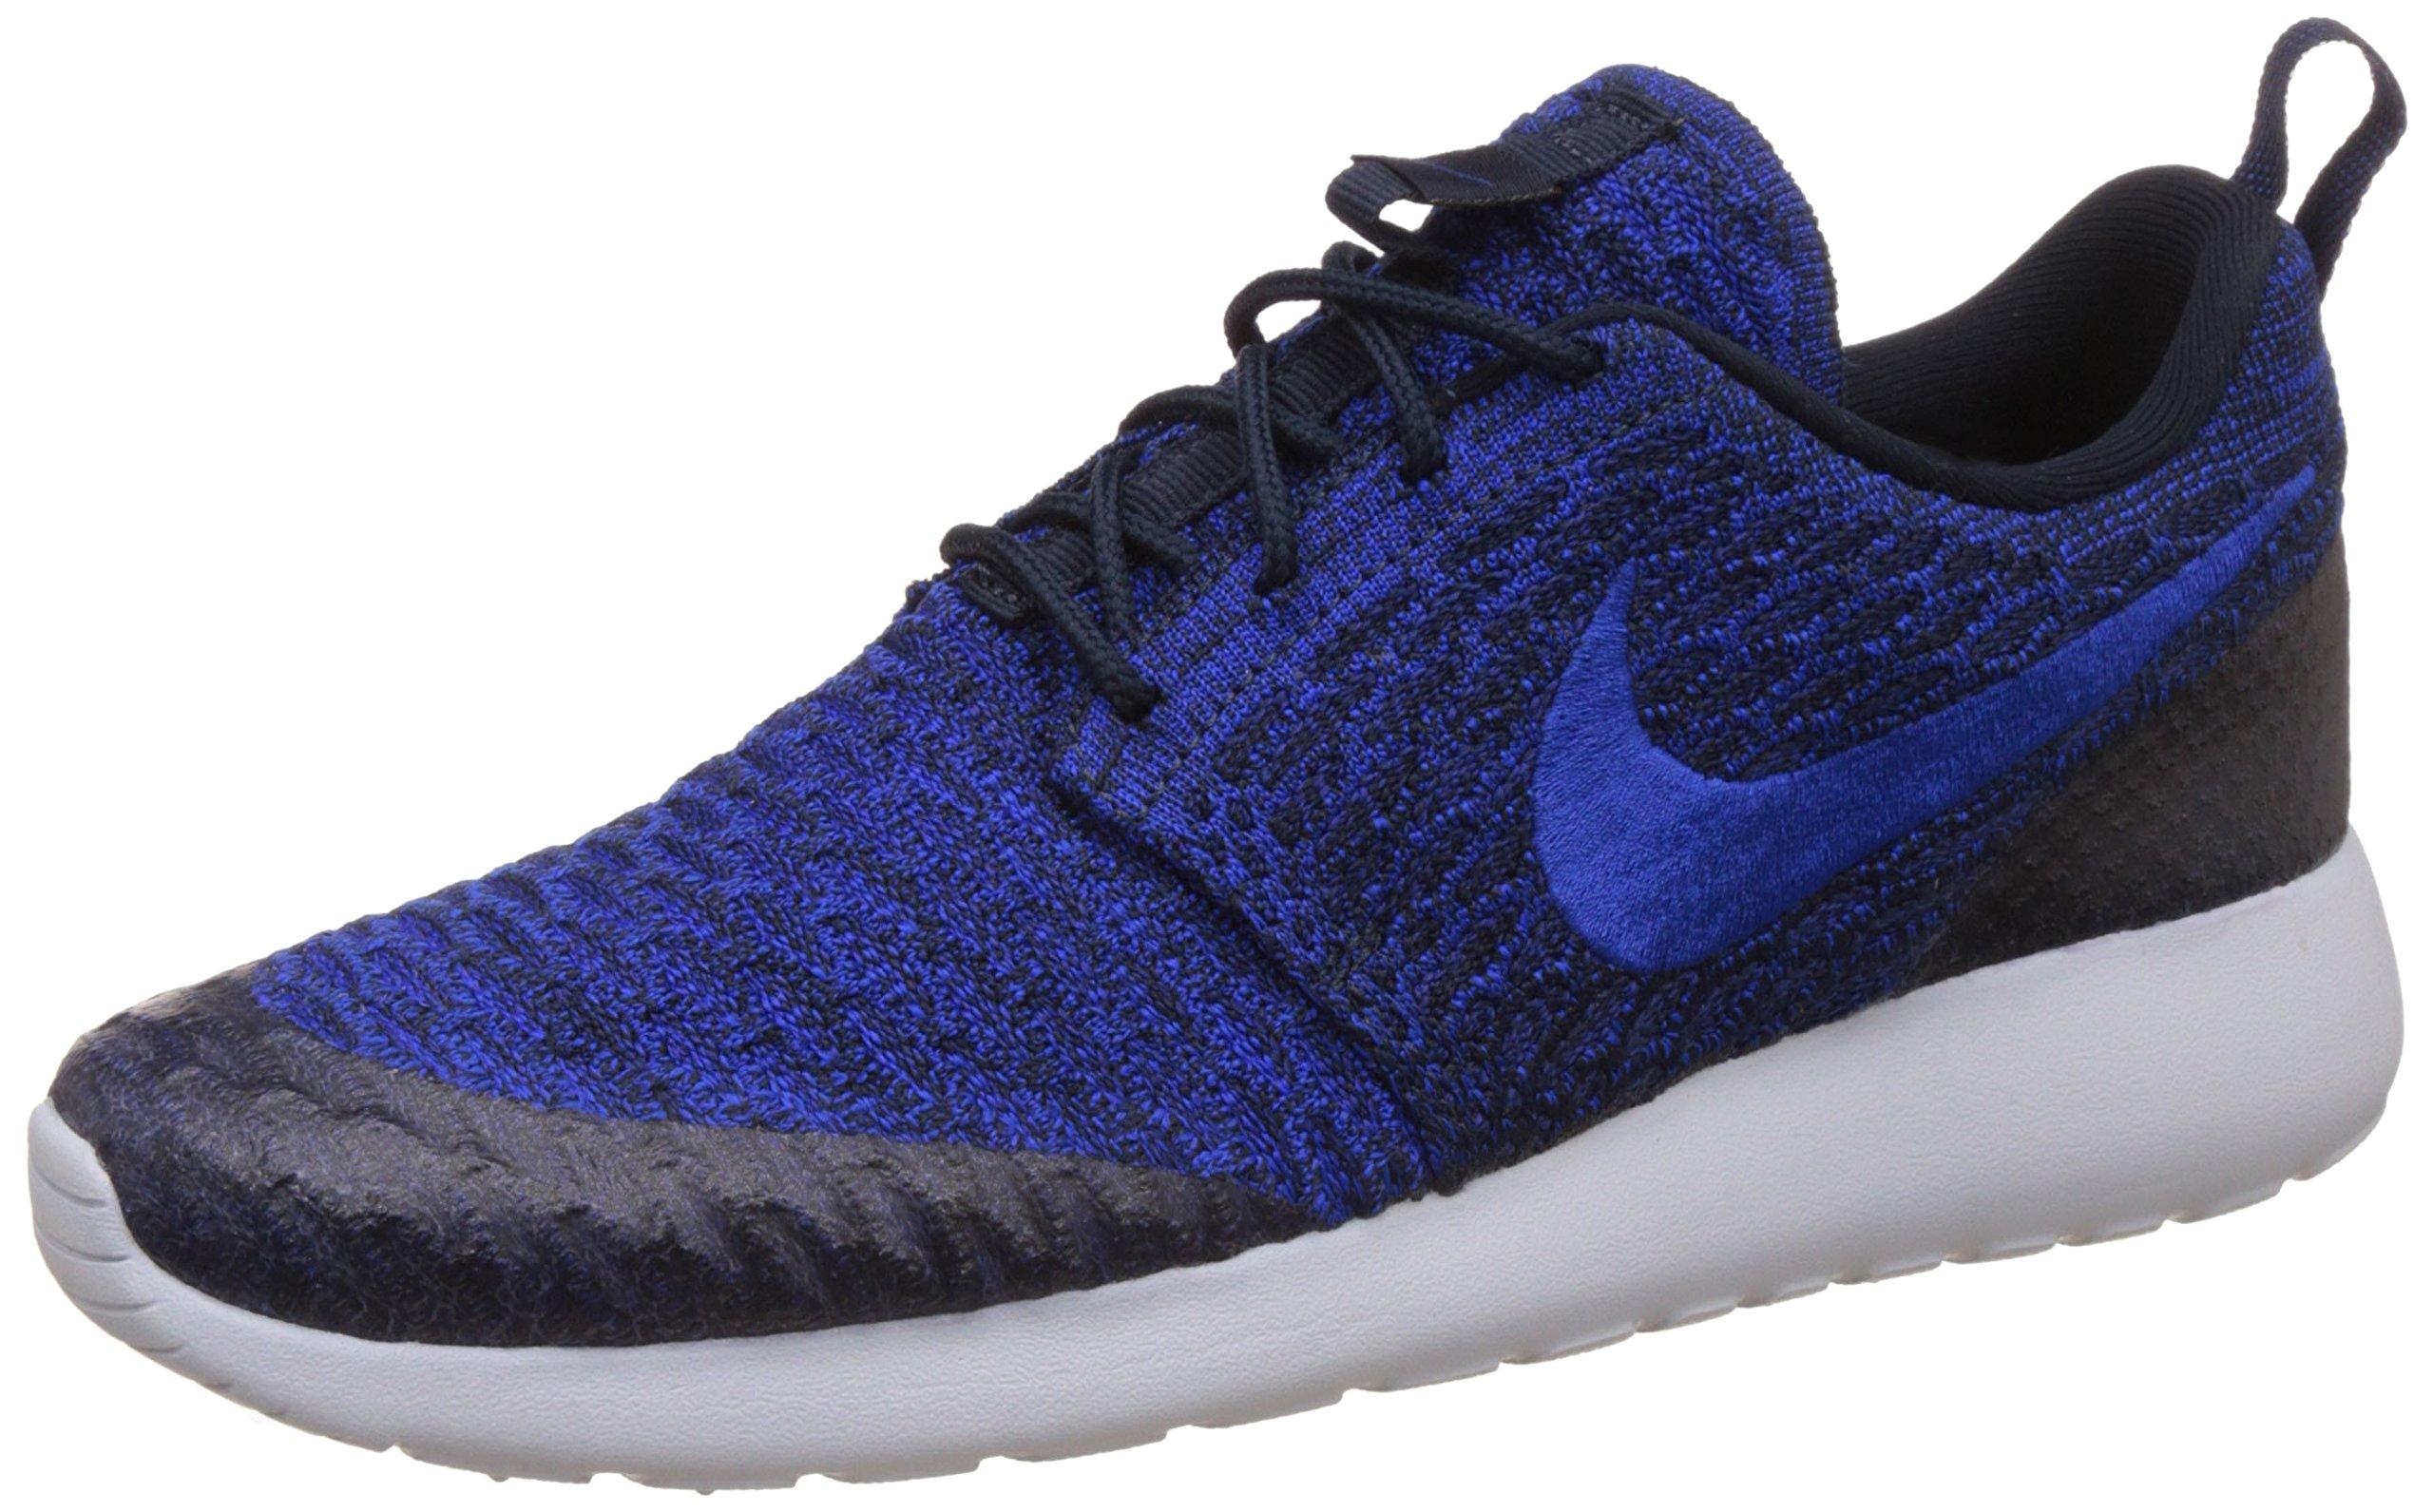 NIKE WMNS Rosherun Flyknit Womens Sneaker Blue 704927 403, Size:37.5